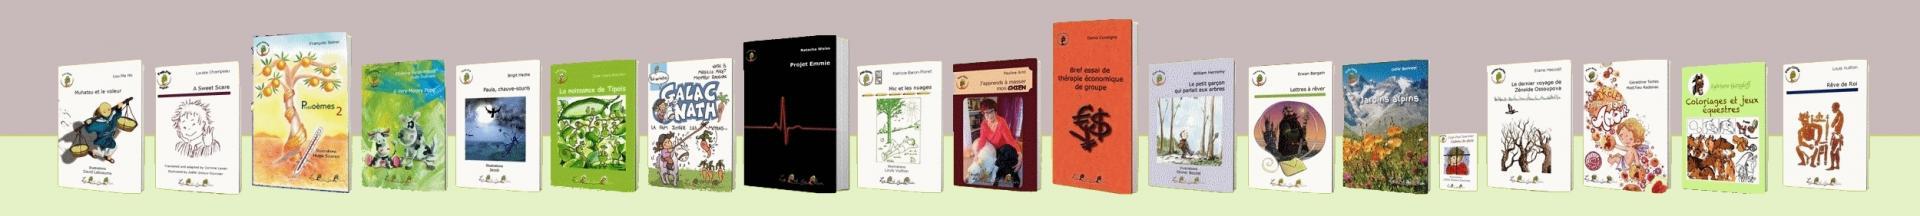 Bande de livres de fevrierl 1